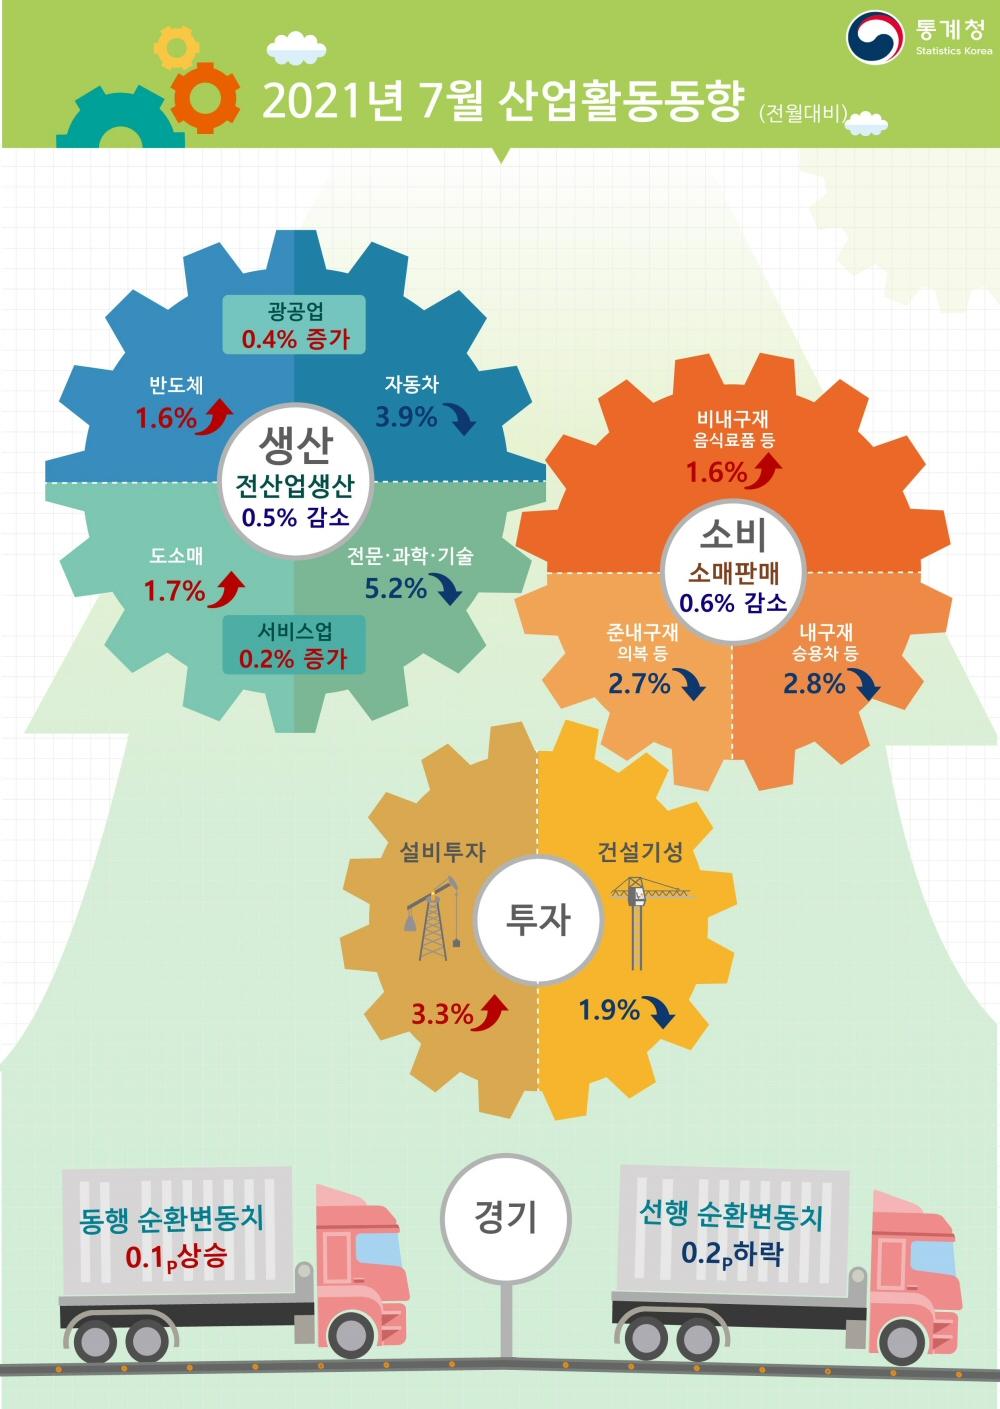 ▲ 2021년 7월 산업활동동향(전월대비)